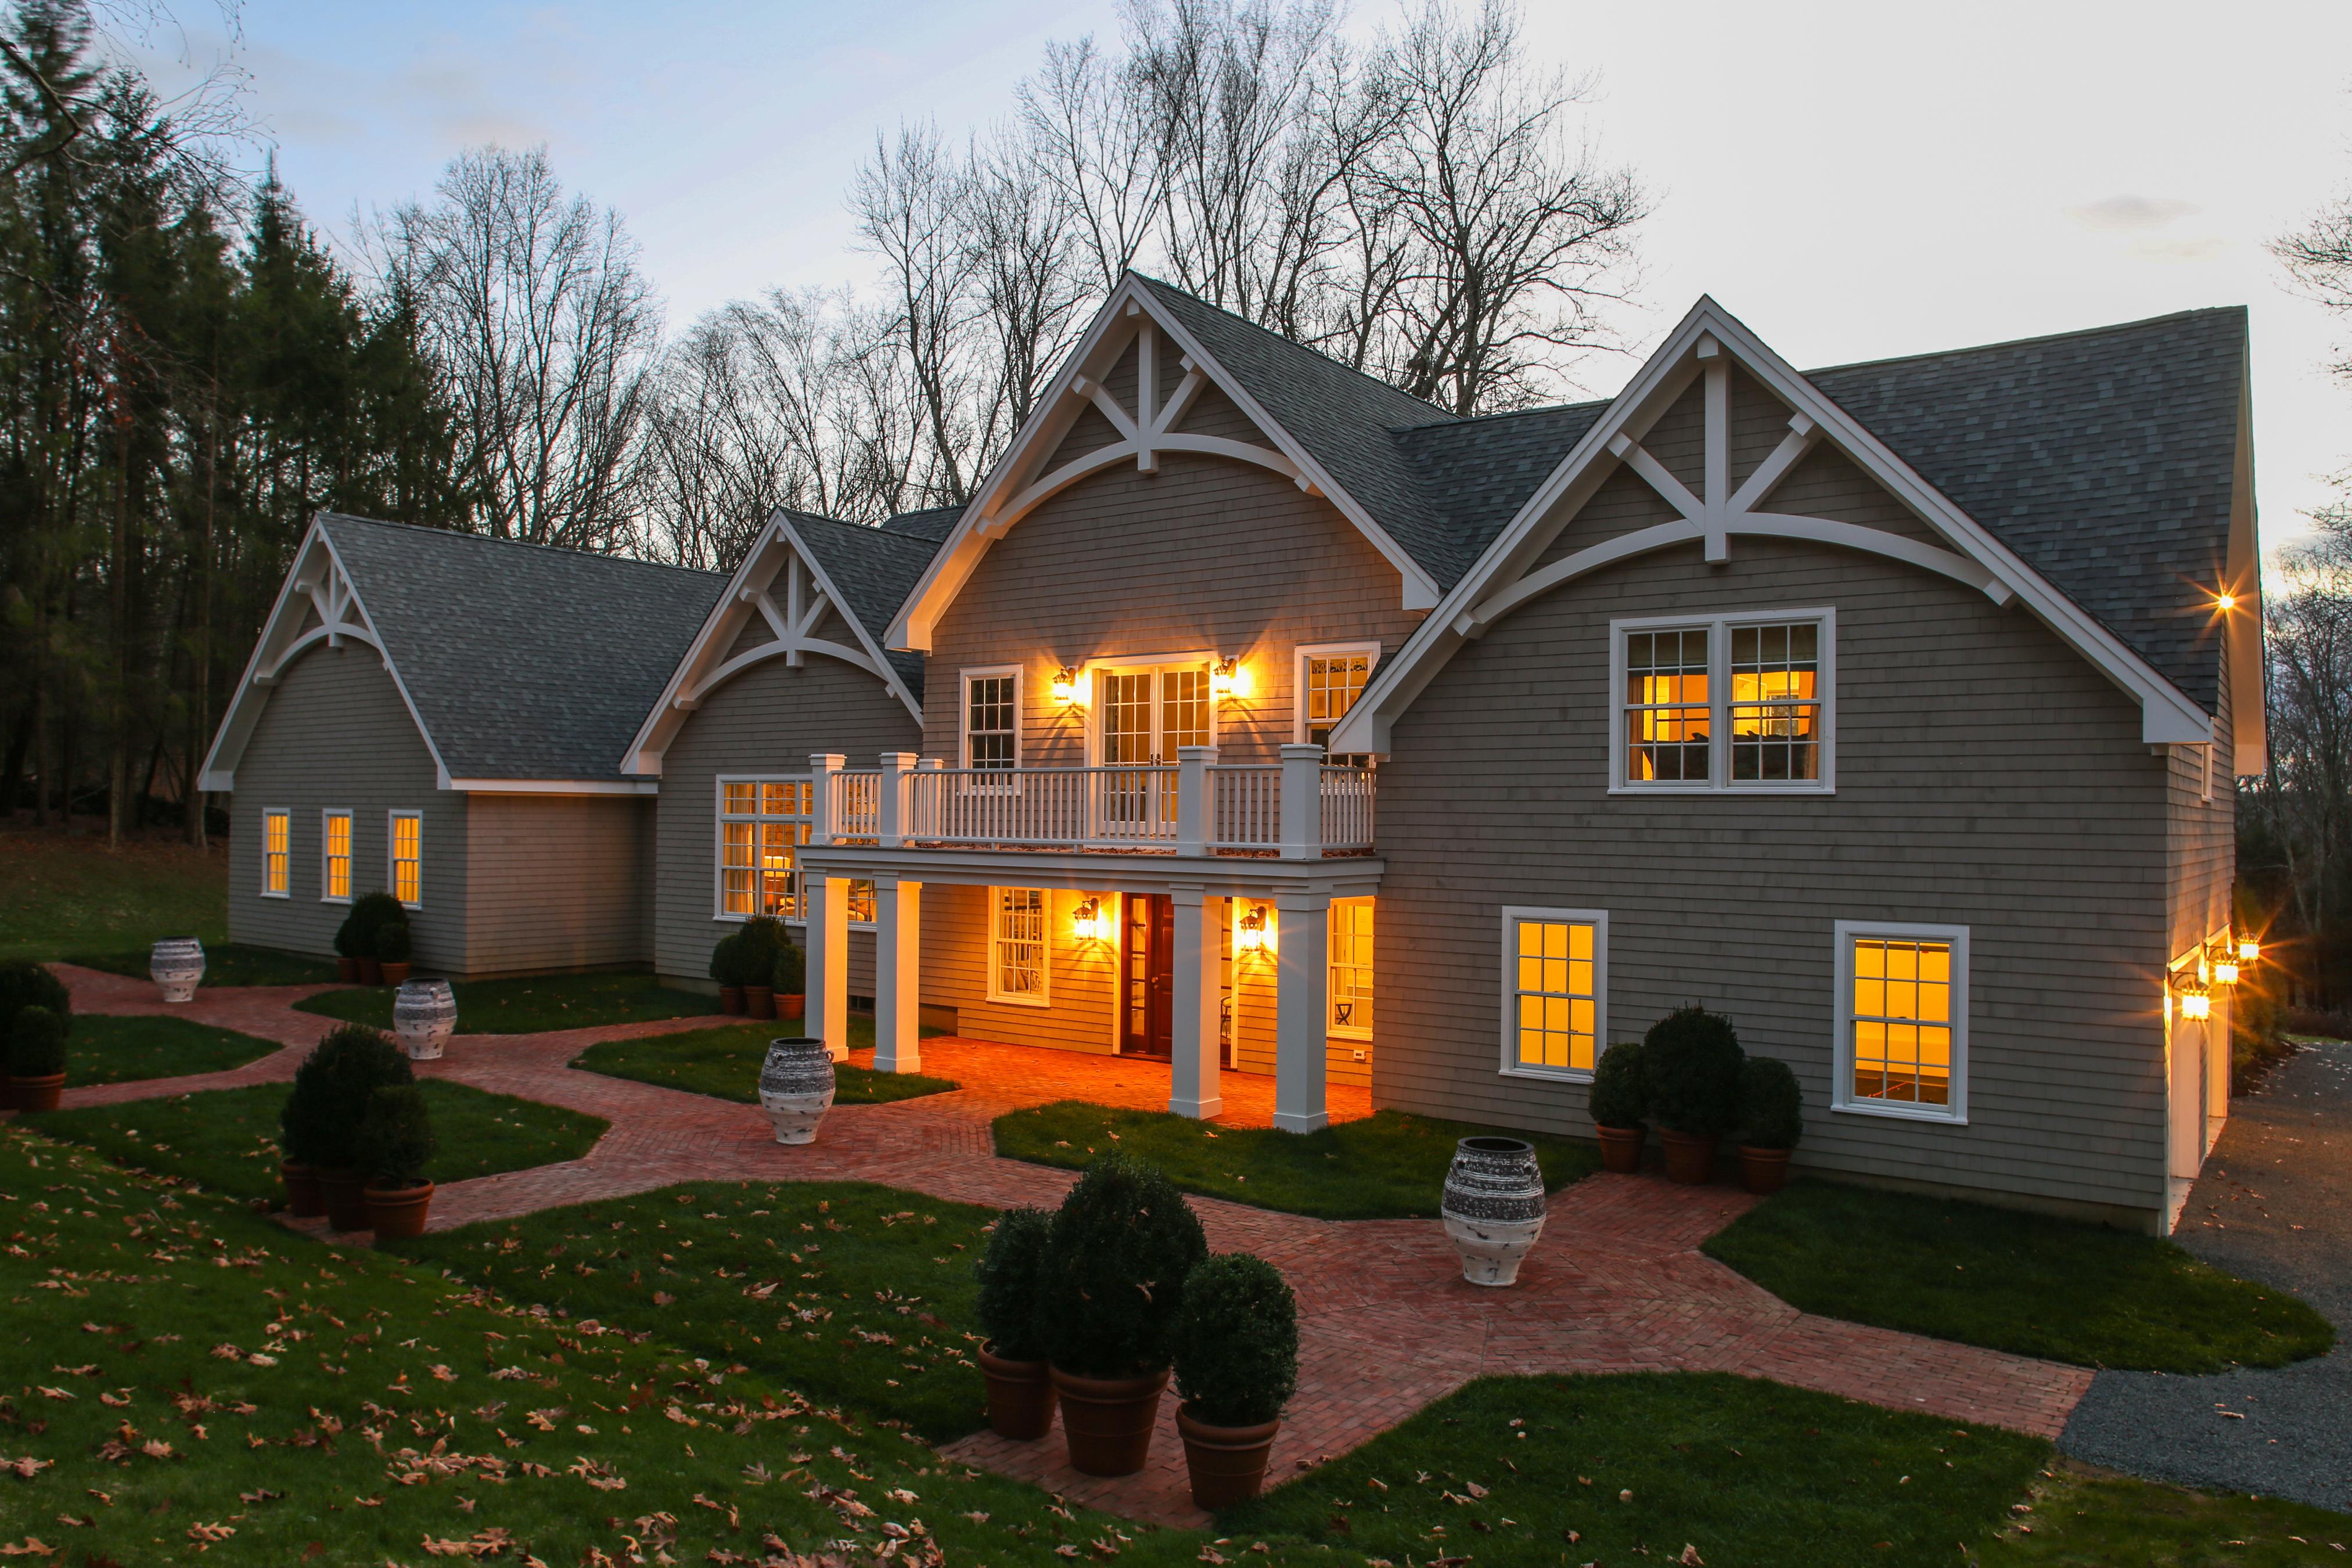 独户住宅 为 销售 在 Exceptional Property 49 Garnet Road 罗克斯伯里, 康涅狄格州 06783 美国